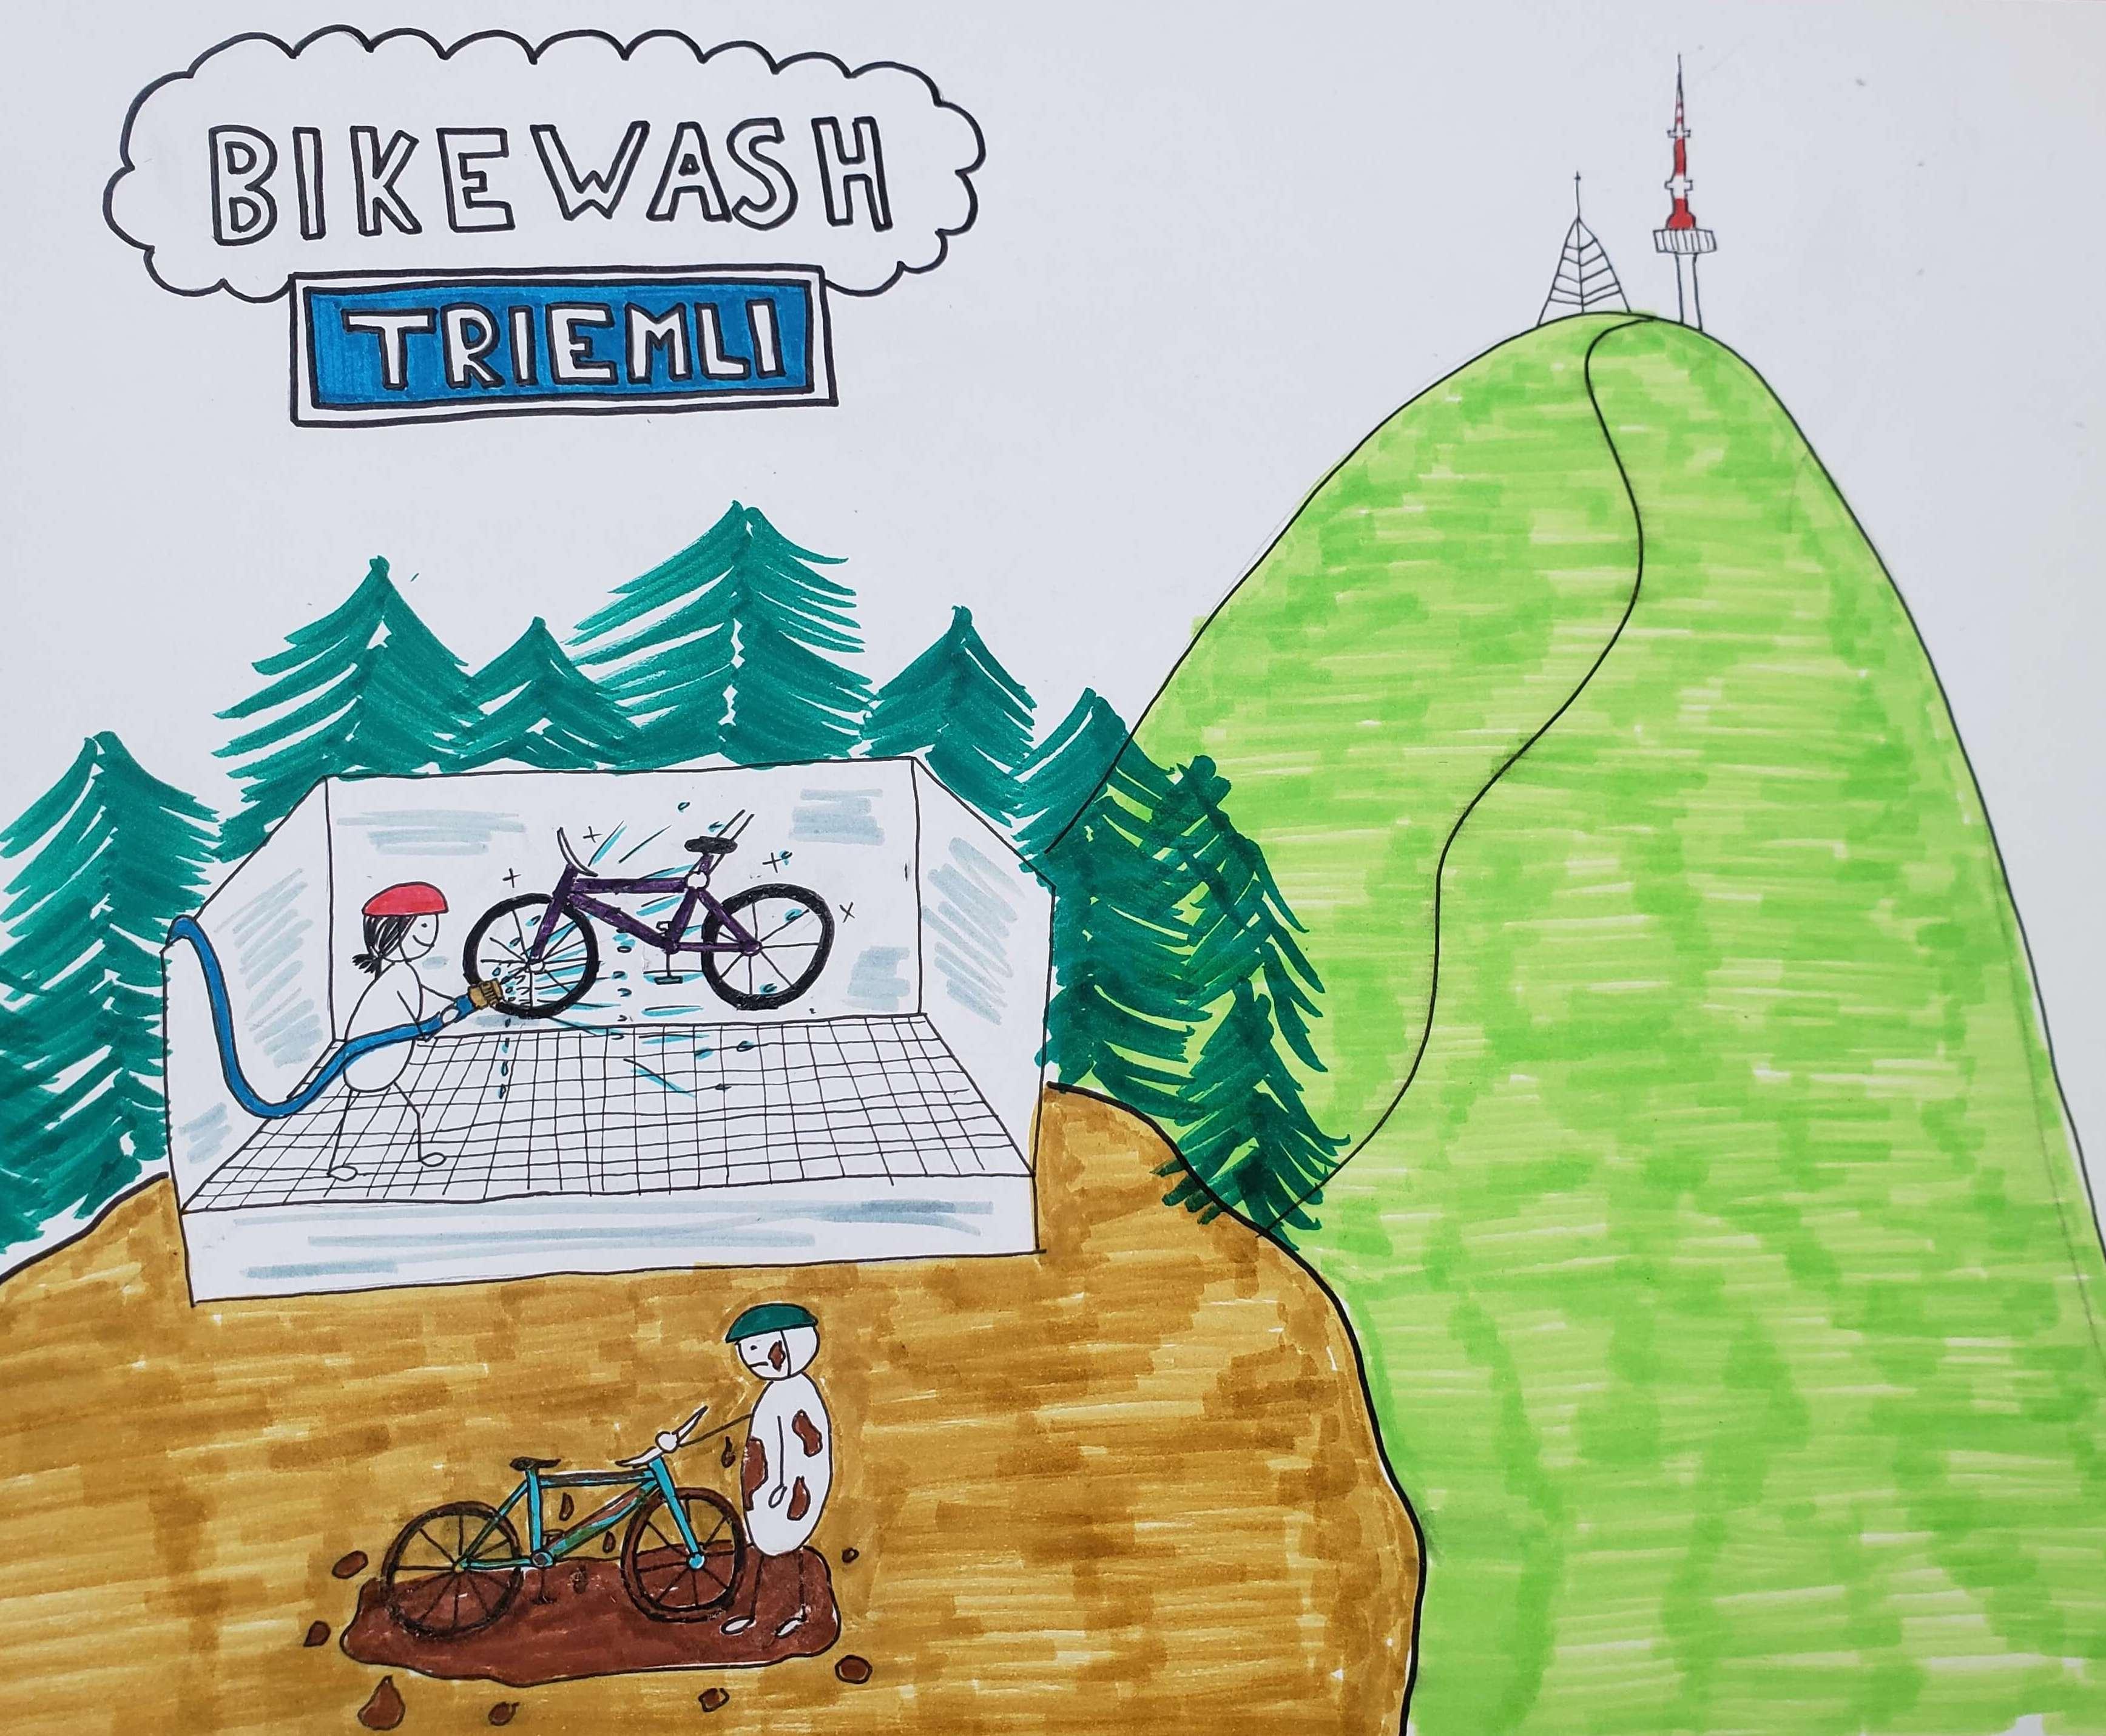 Bikewash Triemli